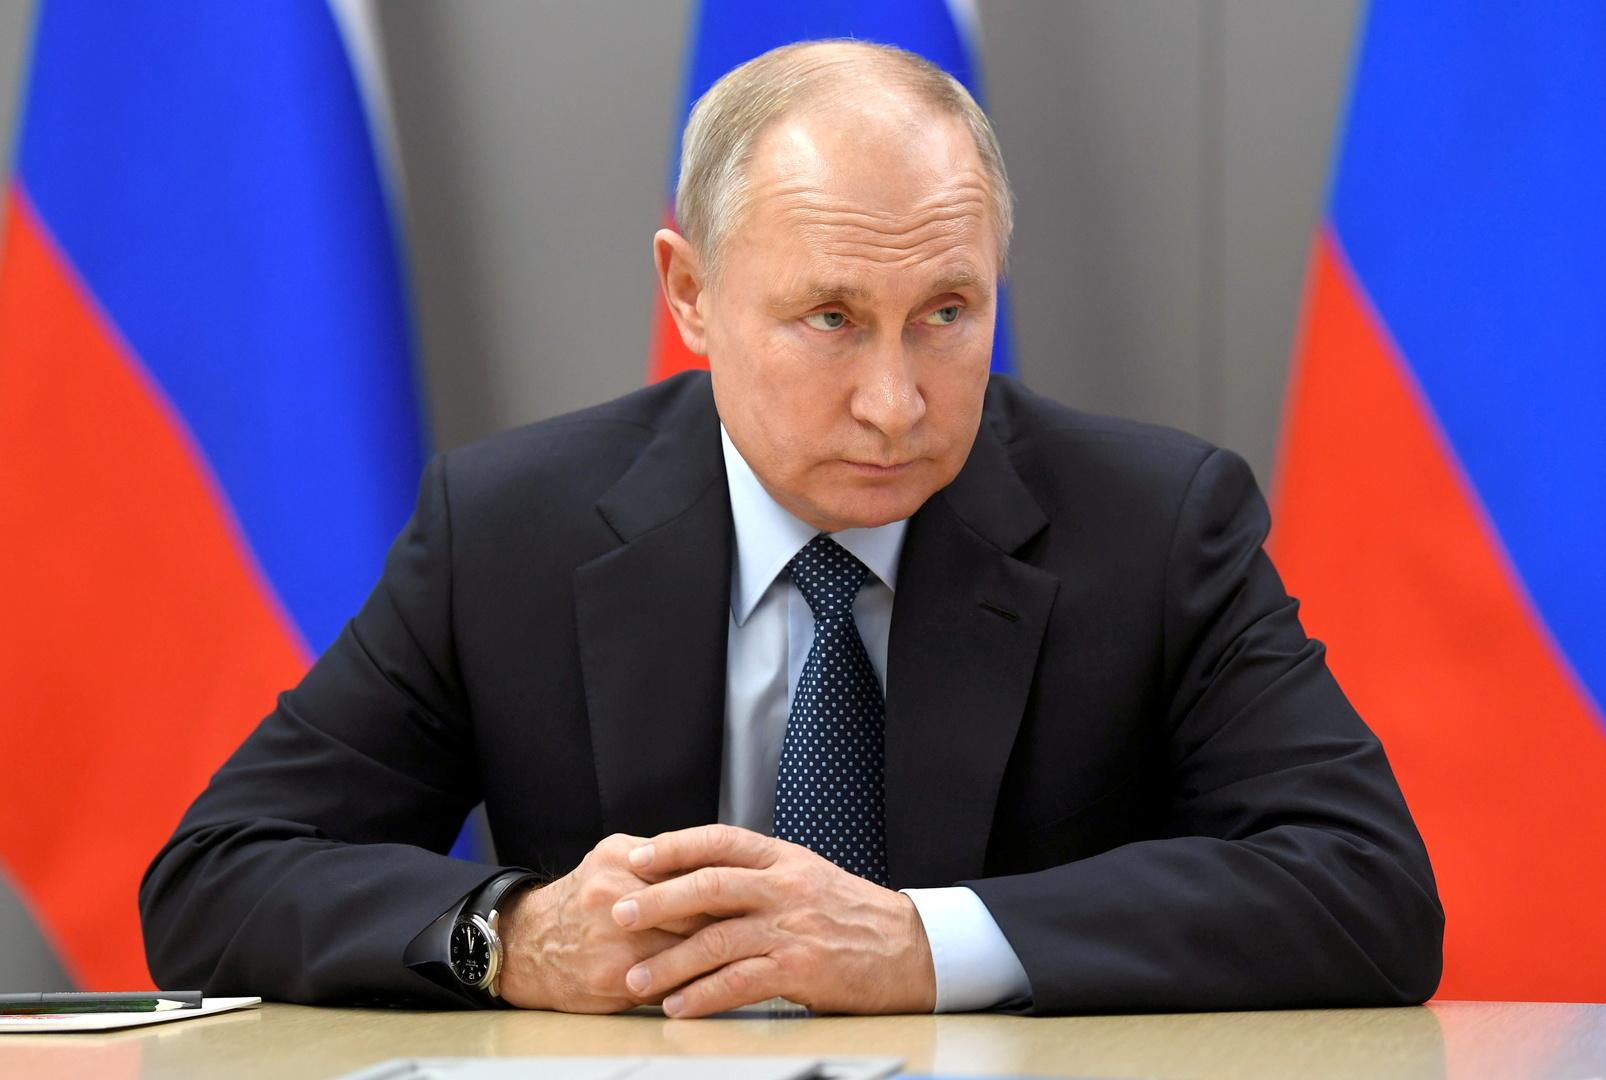 بوتين: النزاع الفلسطيني الإسرائيلي يخص بشكل مباشر مصالحنا الأمنية